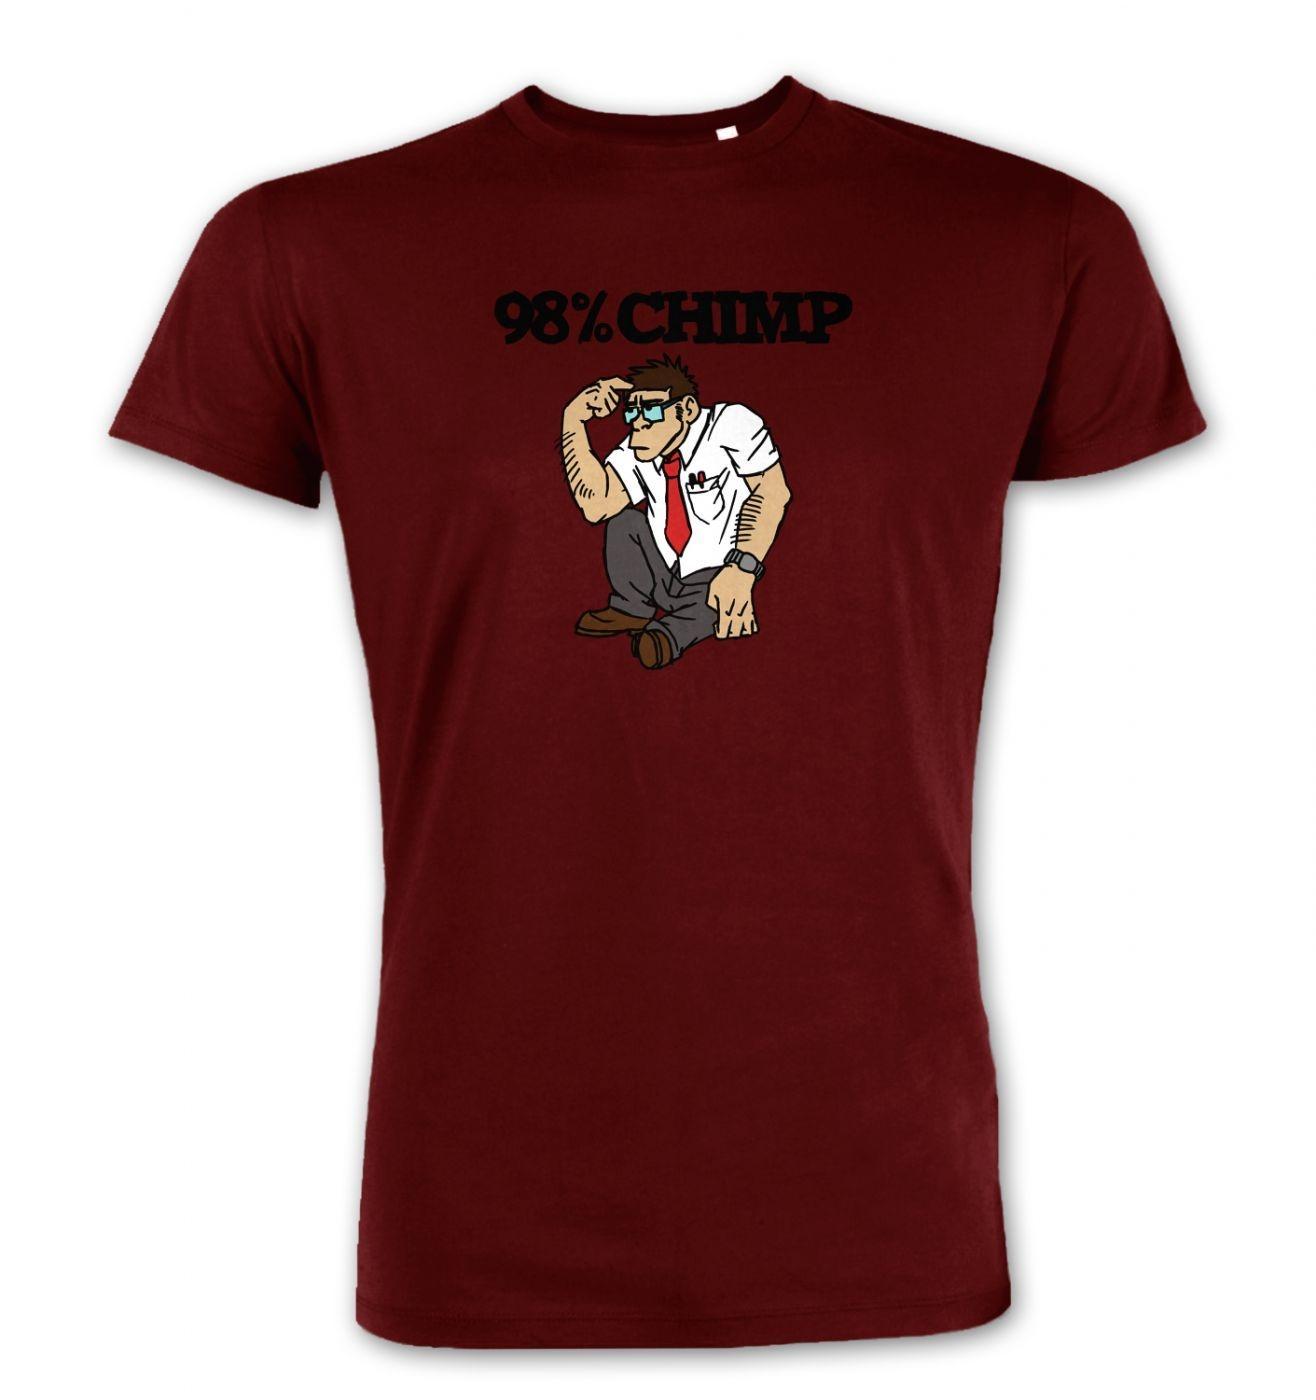 98% Chimp men's Premium t-shirt